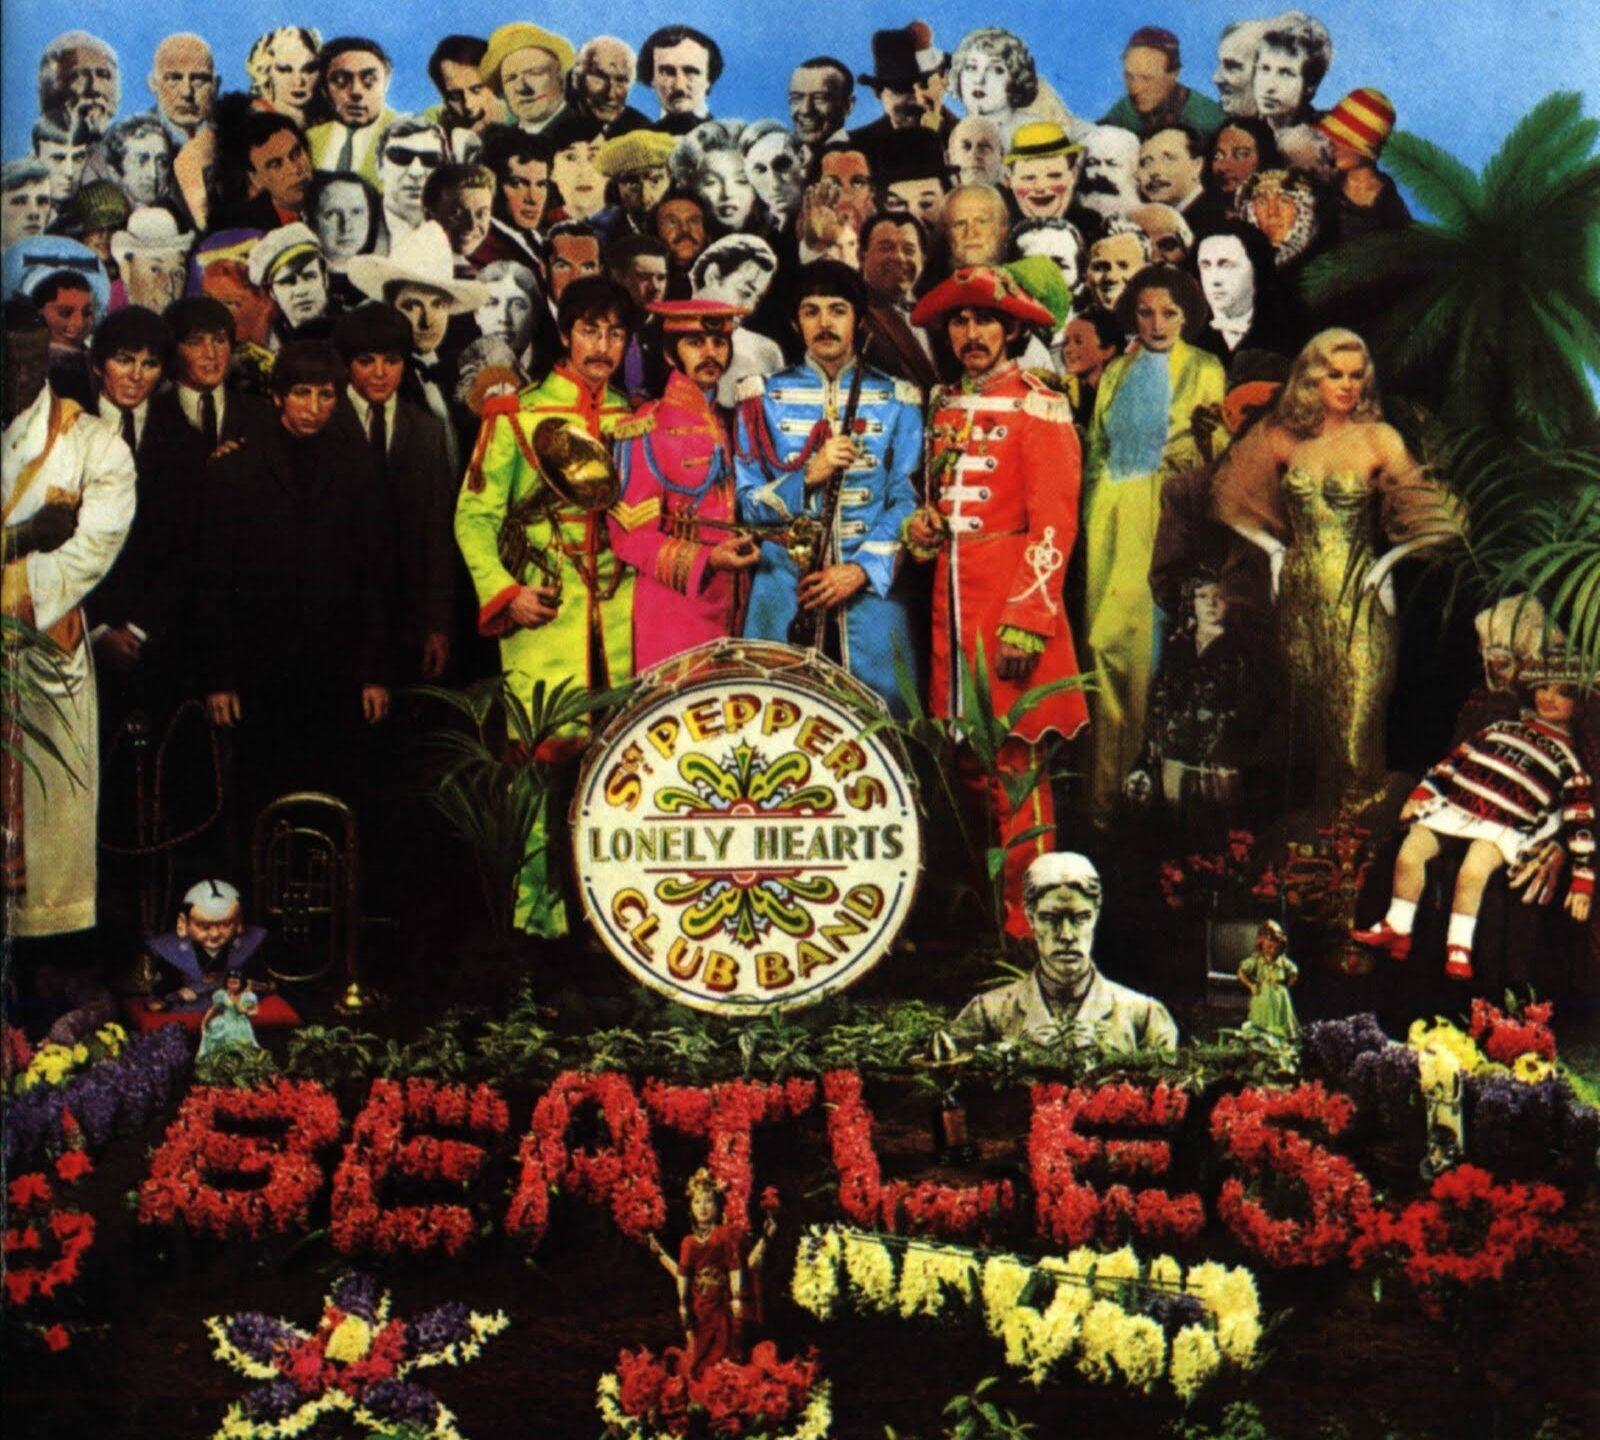 Un groupe de rock anglais qui a connu son petit succès dans les années 1960.